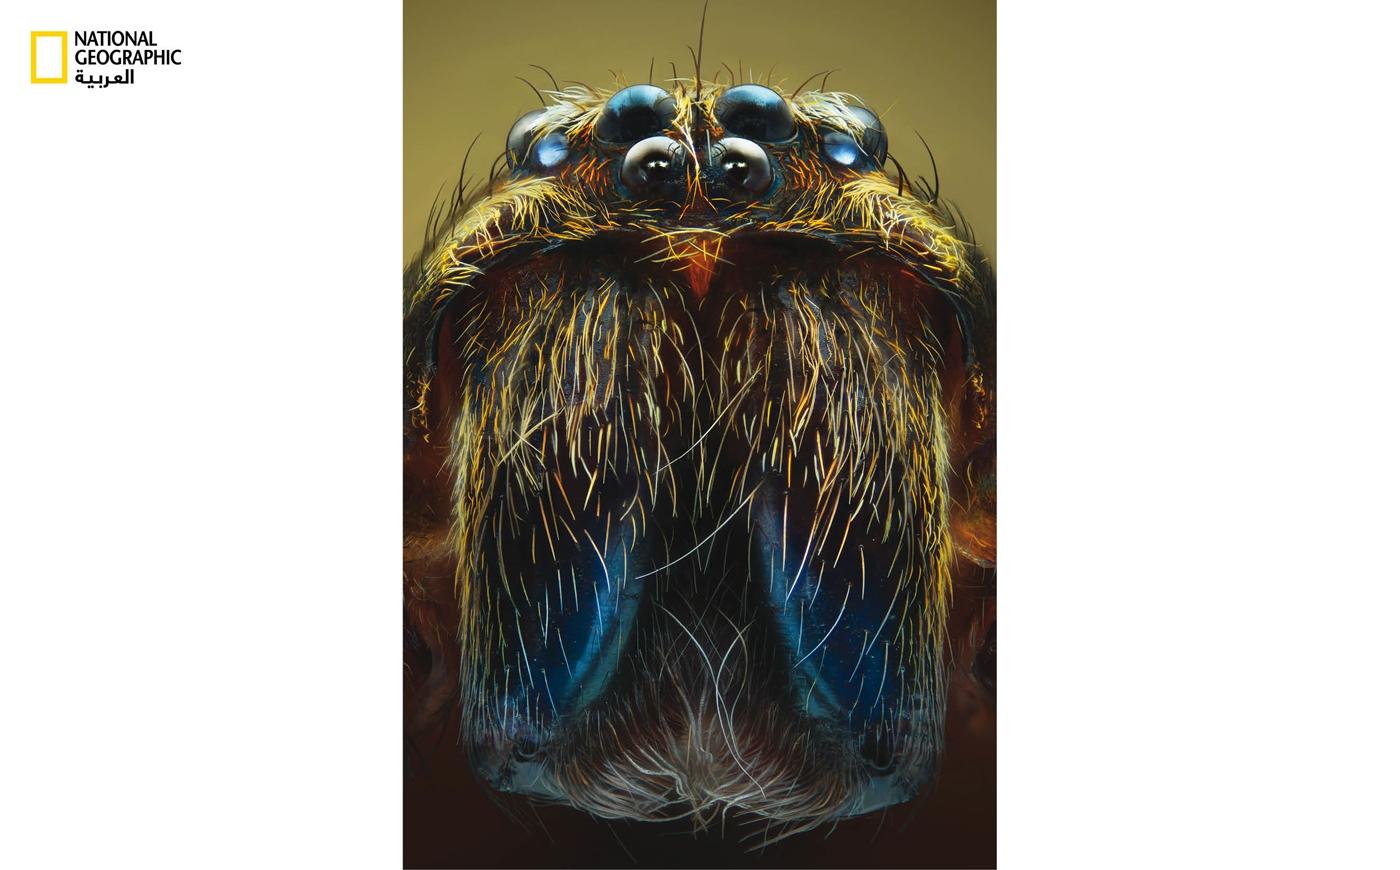 العنكبوت الجوَّال: تتميز هذه العناكب بحجمها الكبير، ما يضفي عليها مهابة في عالم المخلوقات الصغيرة الحجم من مثل الفئران والقوارض. تستعين هذه العنكبوتات بأعينها الثماني القادرة على تمييز أدنى حركة في الظلام الشديد.